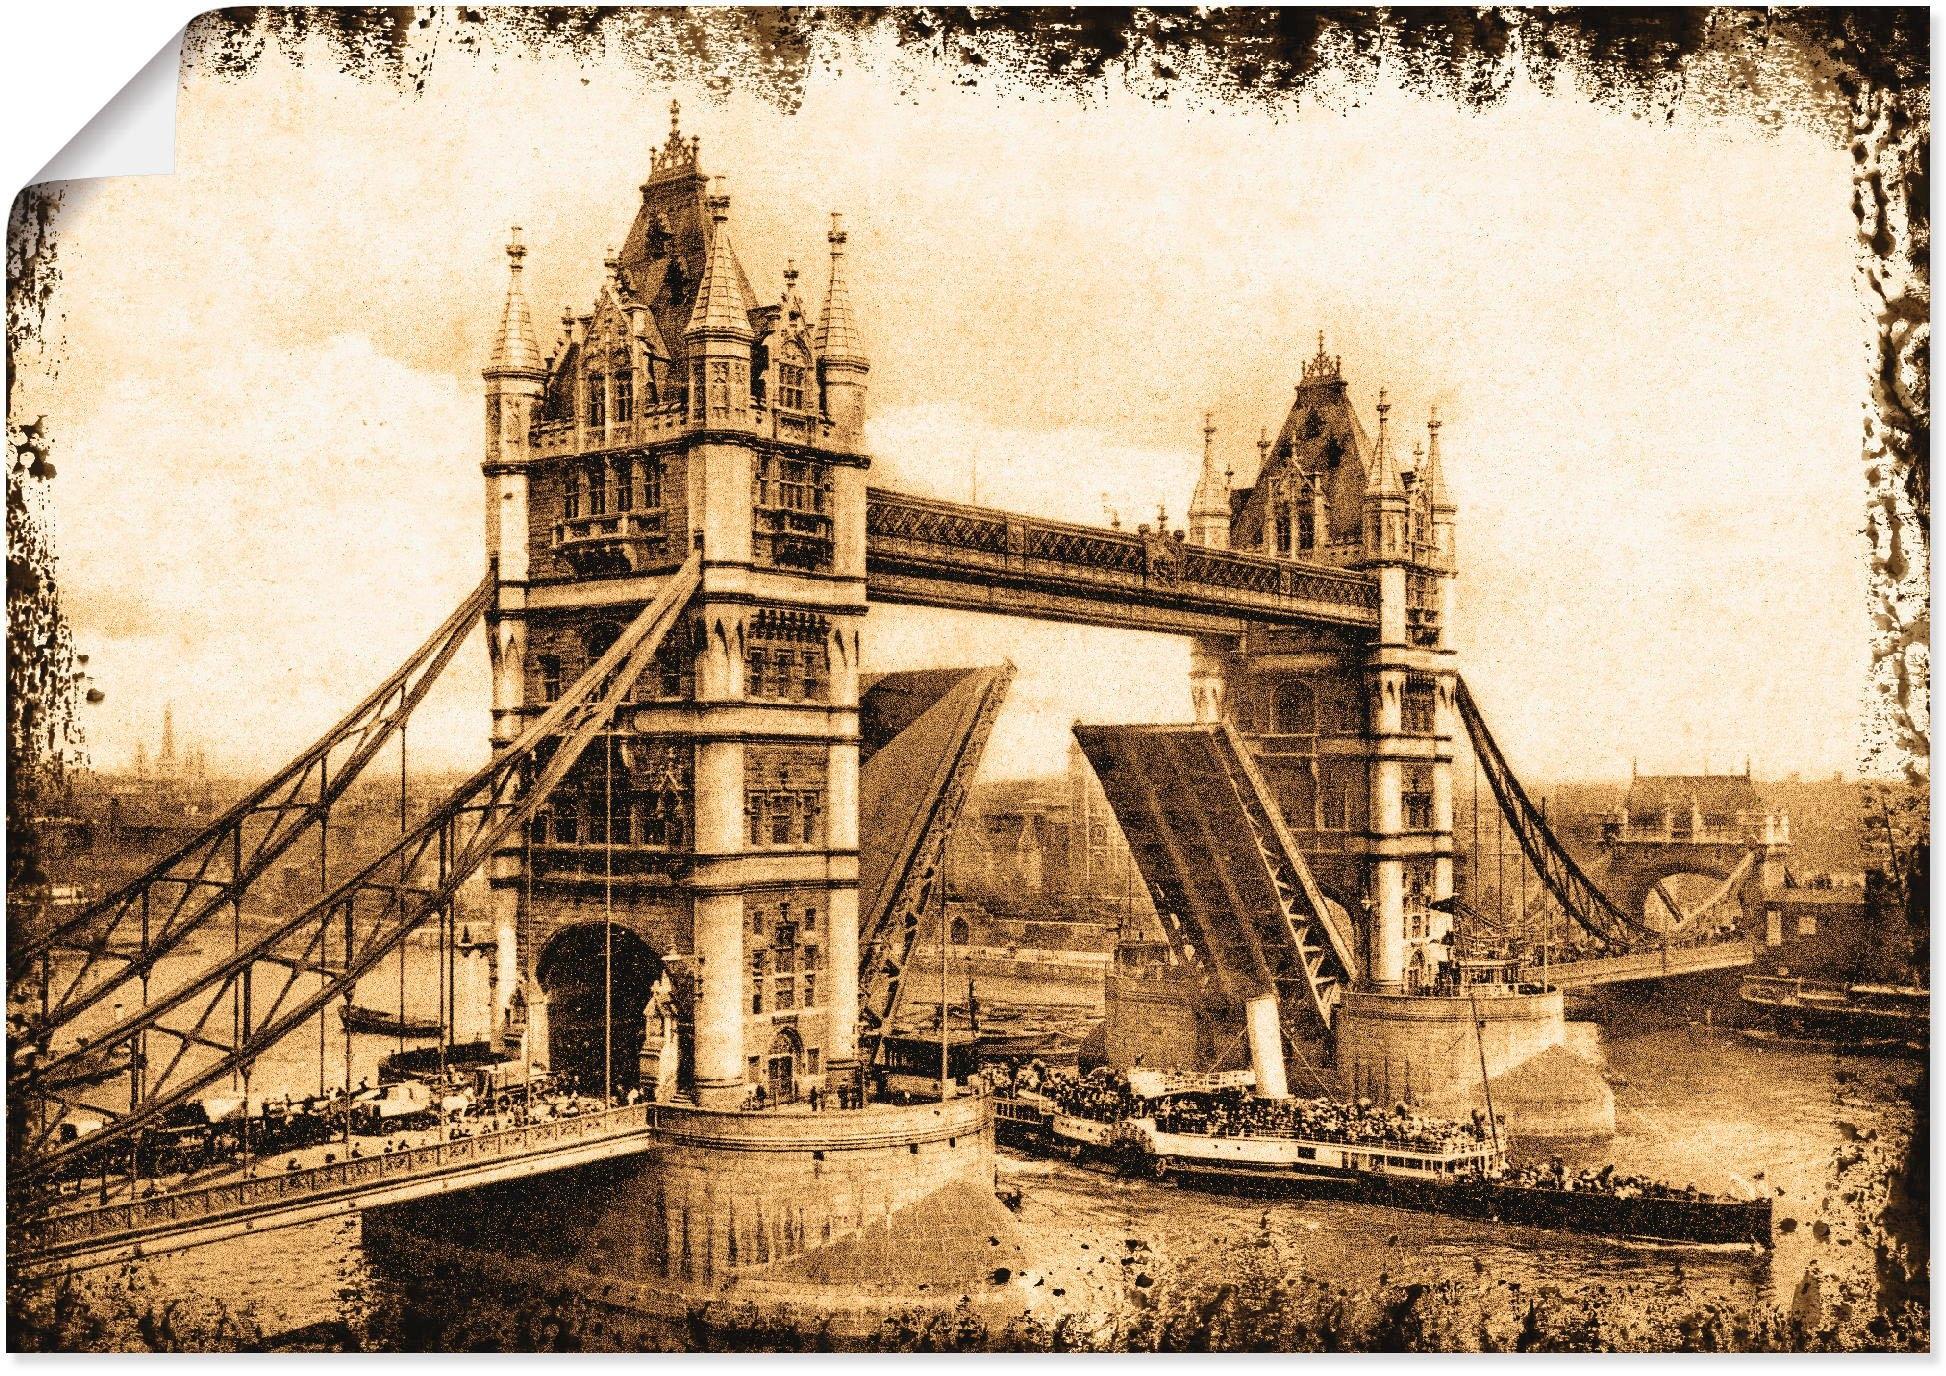 Artland artprint Tower Bridge - Londen in vele afmetingen & productsoorten -artprint op linnen, poster, muursticker / wandfolie ook geschikt voor de badkamer (1 stuk) in de webshop van OTTO kopen